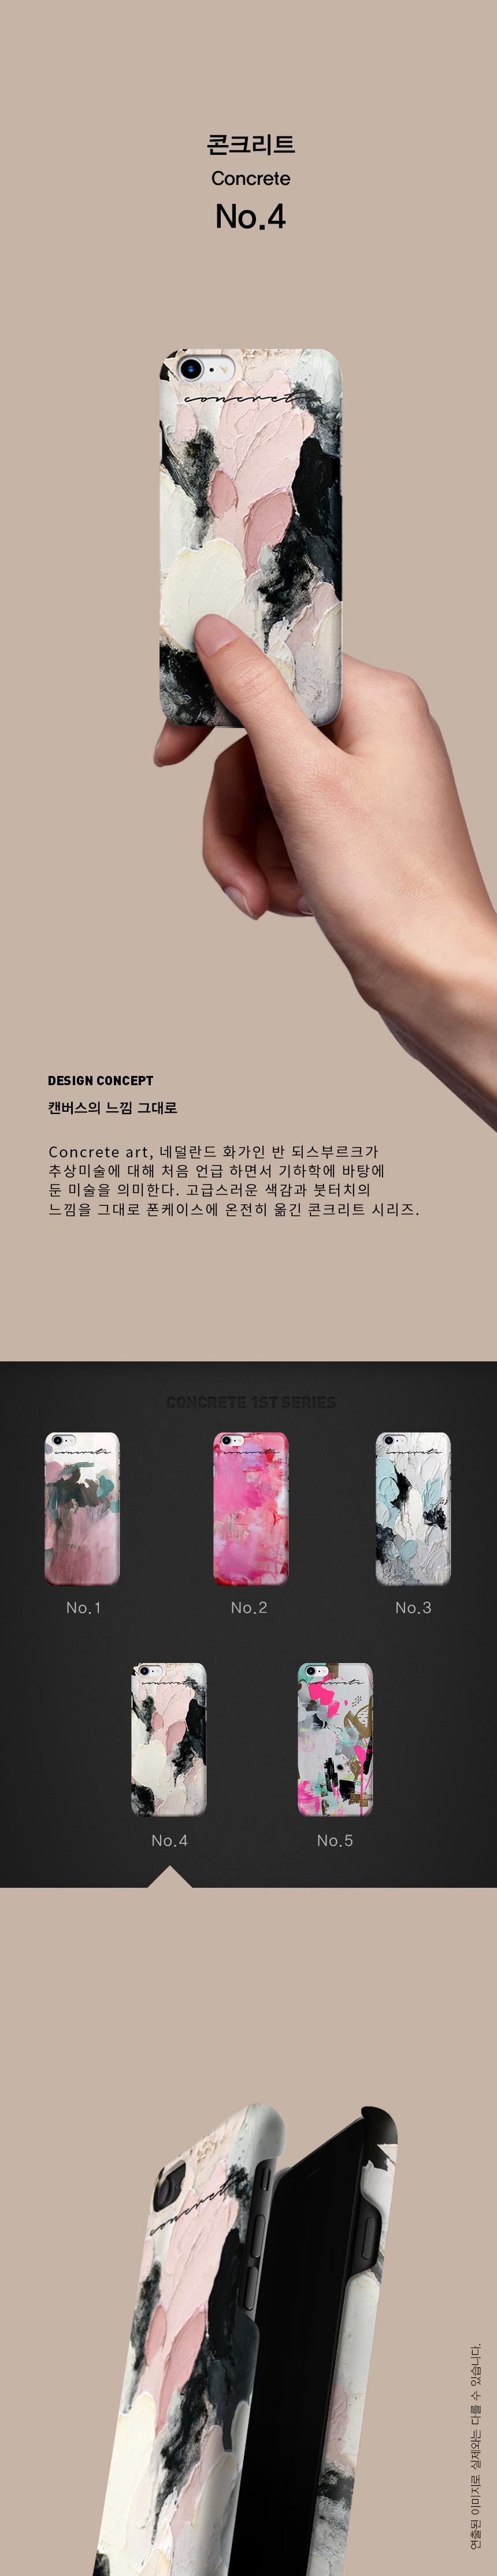 기키(GEEKY) geeky phone case concrete no.4